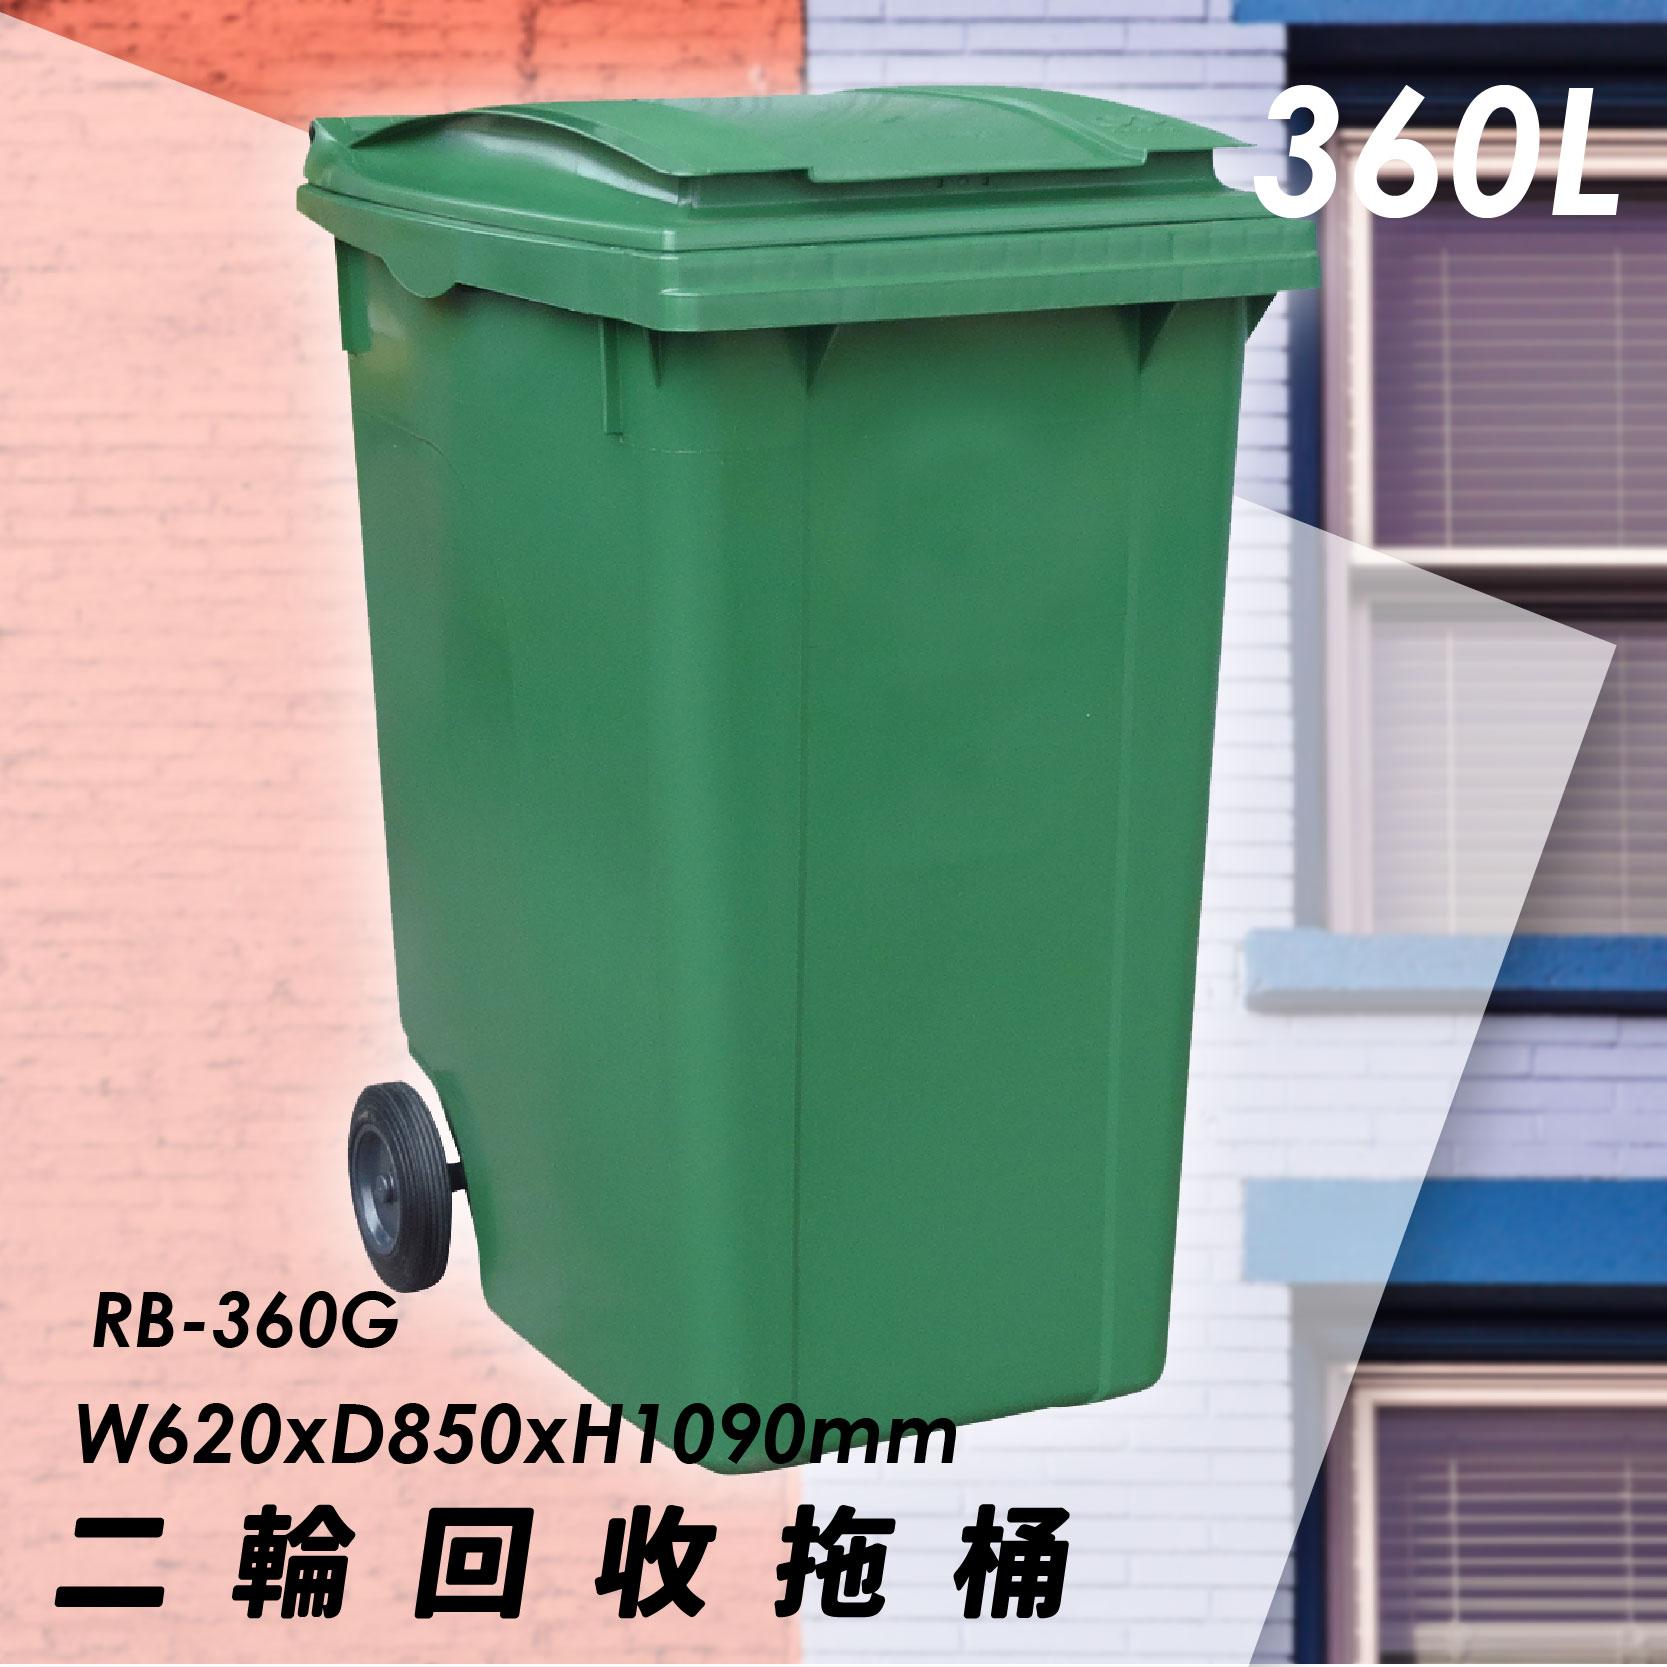 RB-360G 二輪回收托桶(360公升) 垃圾子車 環保子車 垃圾桶 垃圾車 公共設施 歐洲認證 清潔車 清運車